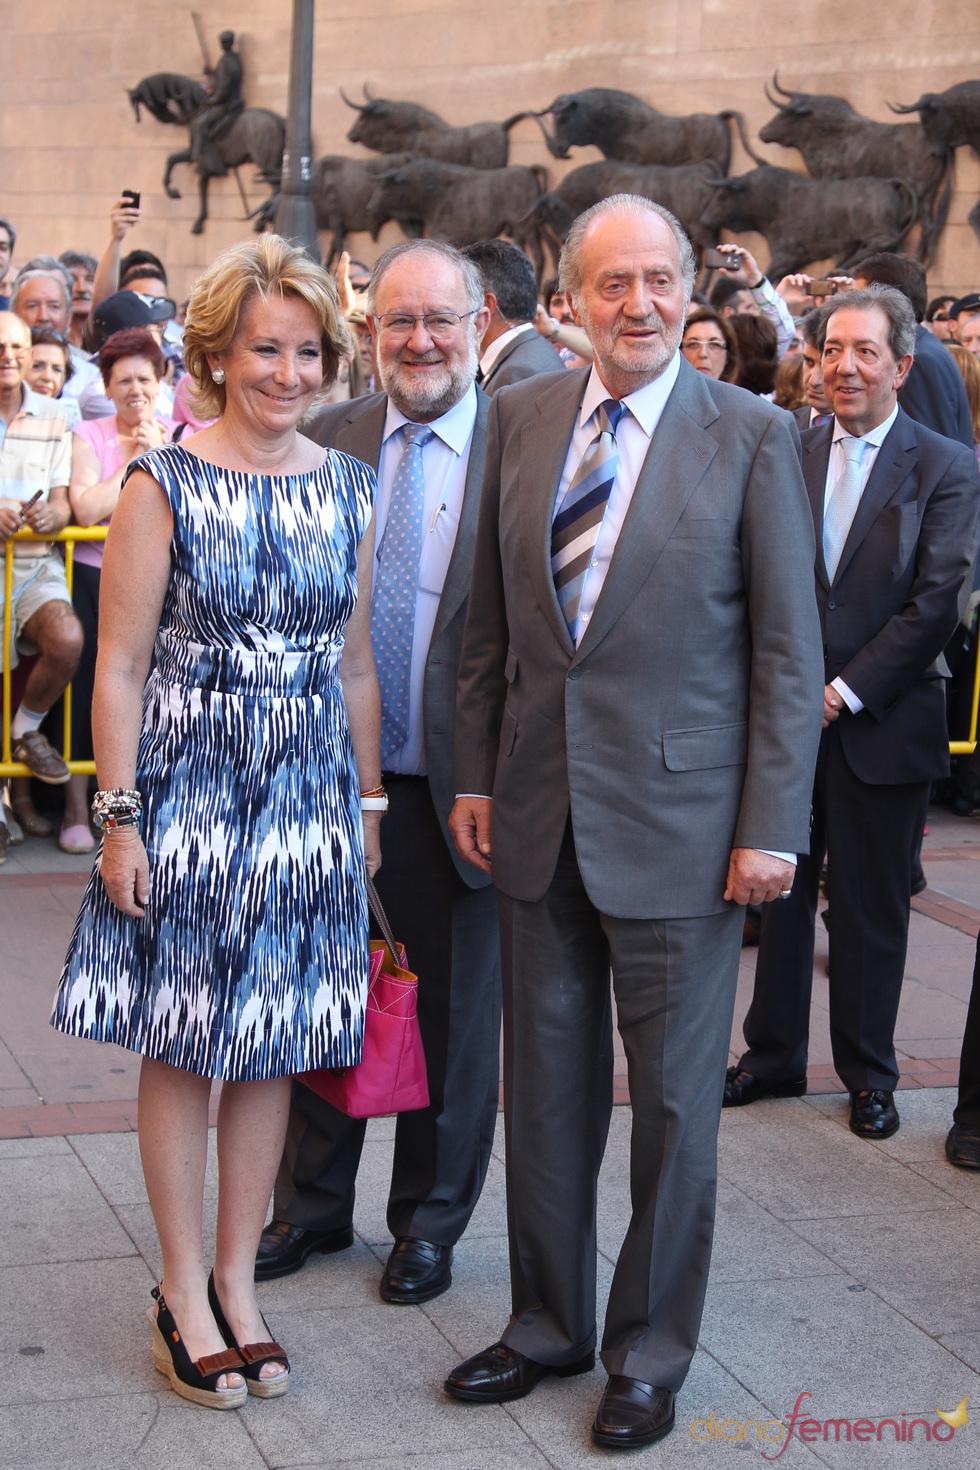 El Rey Juan Carlos y Esperanza Aguirre en la Corrida de la Prensa de Las Ventas